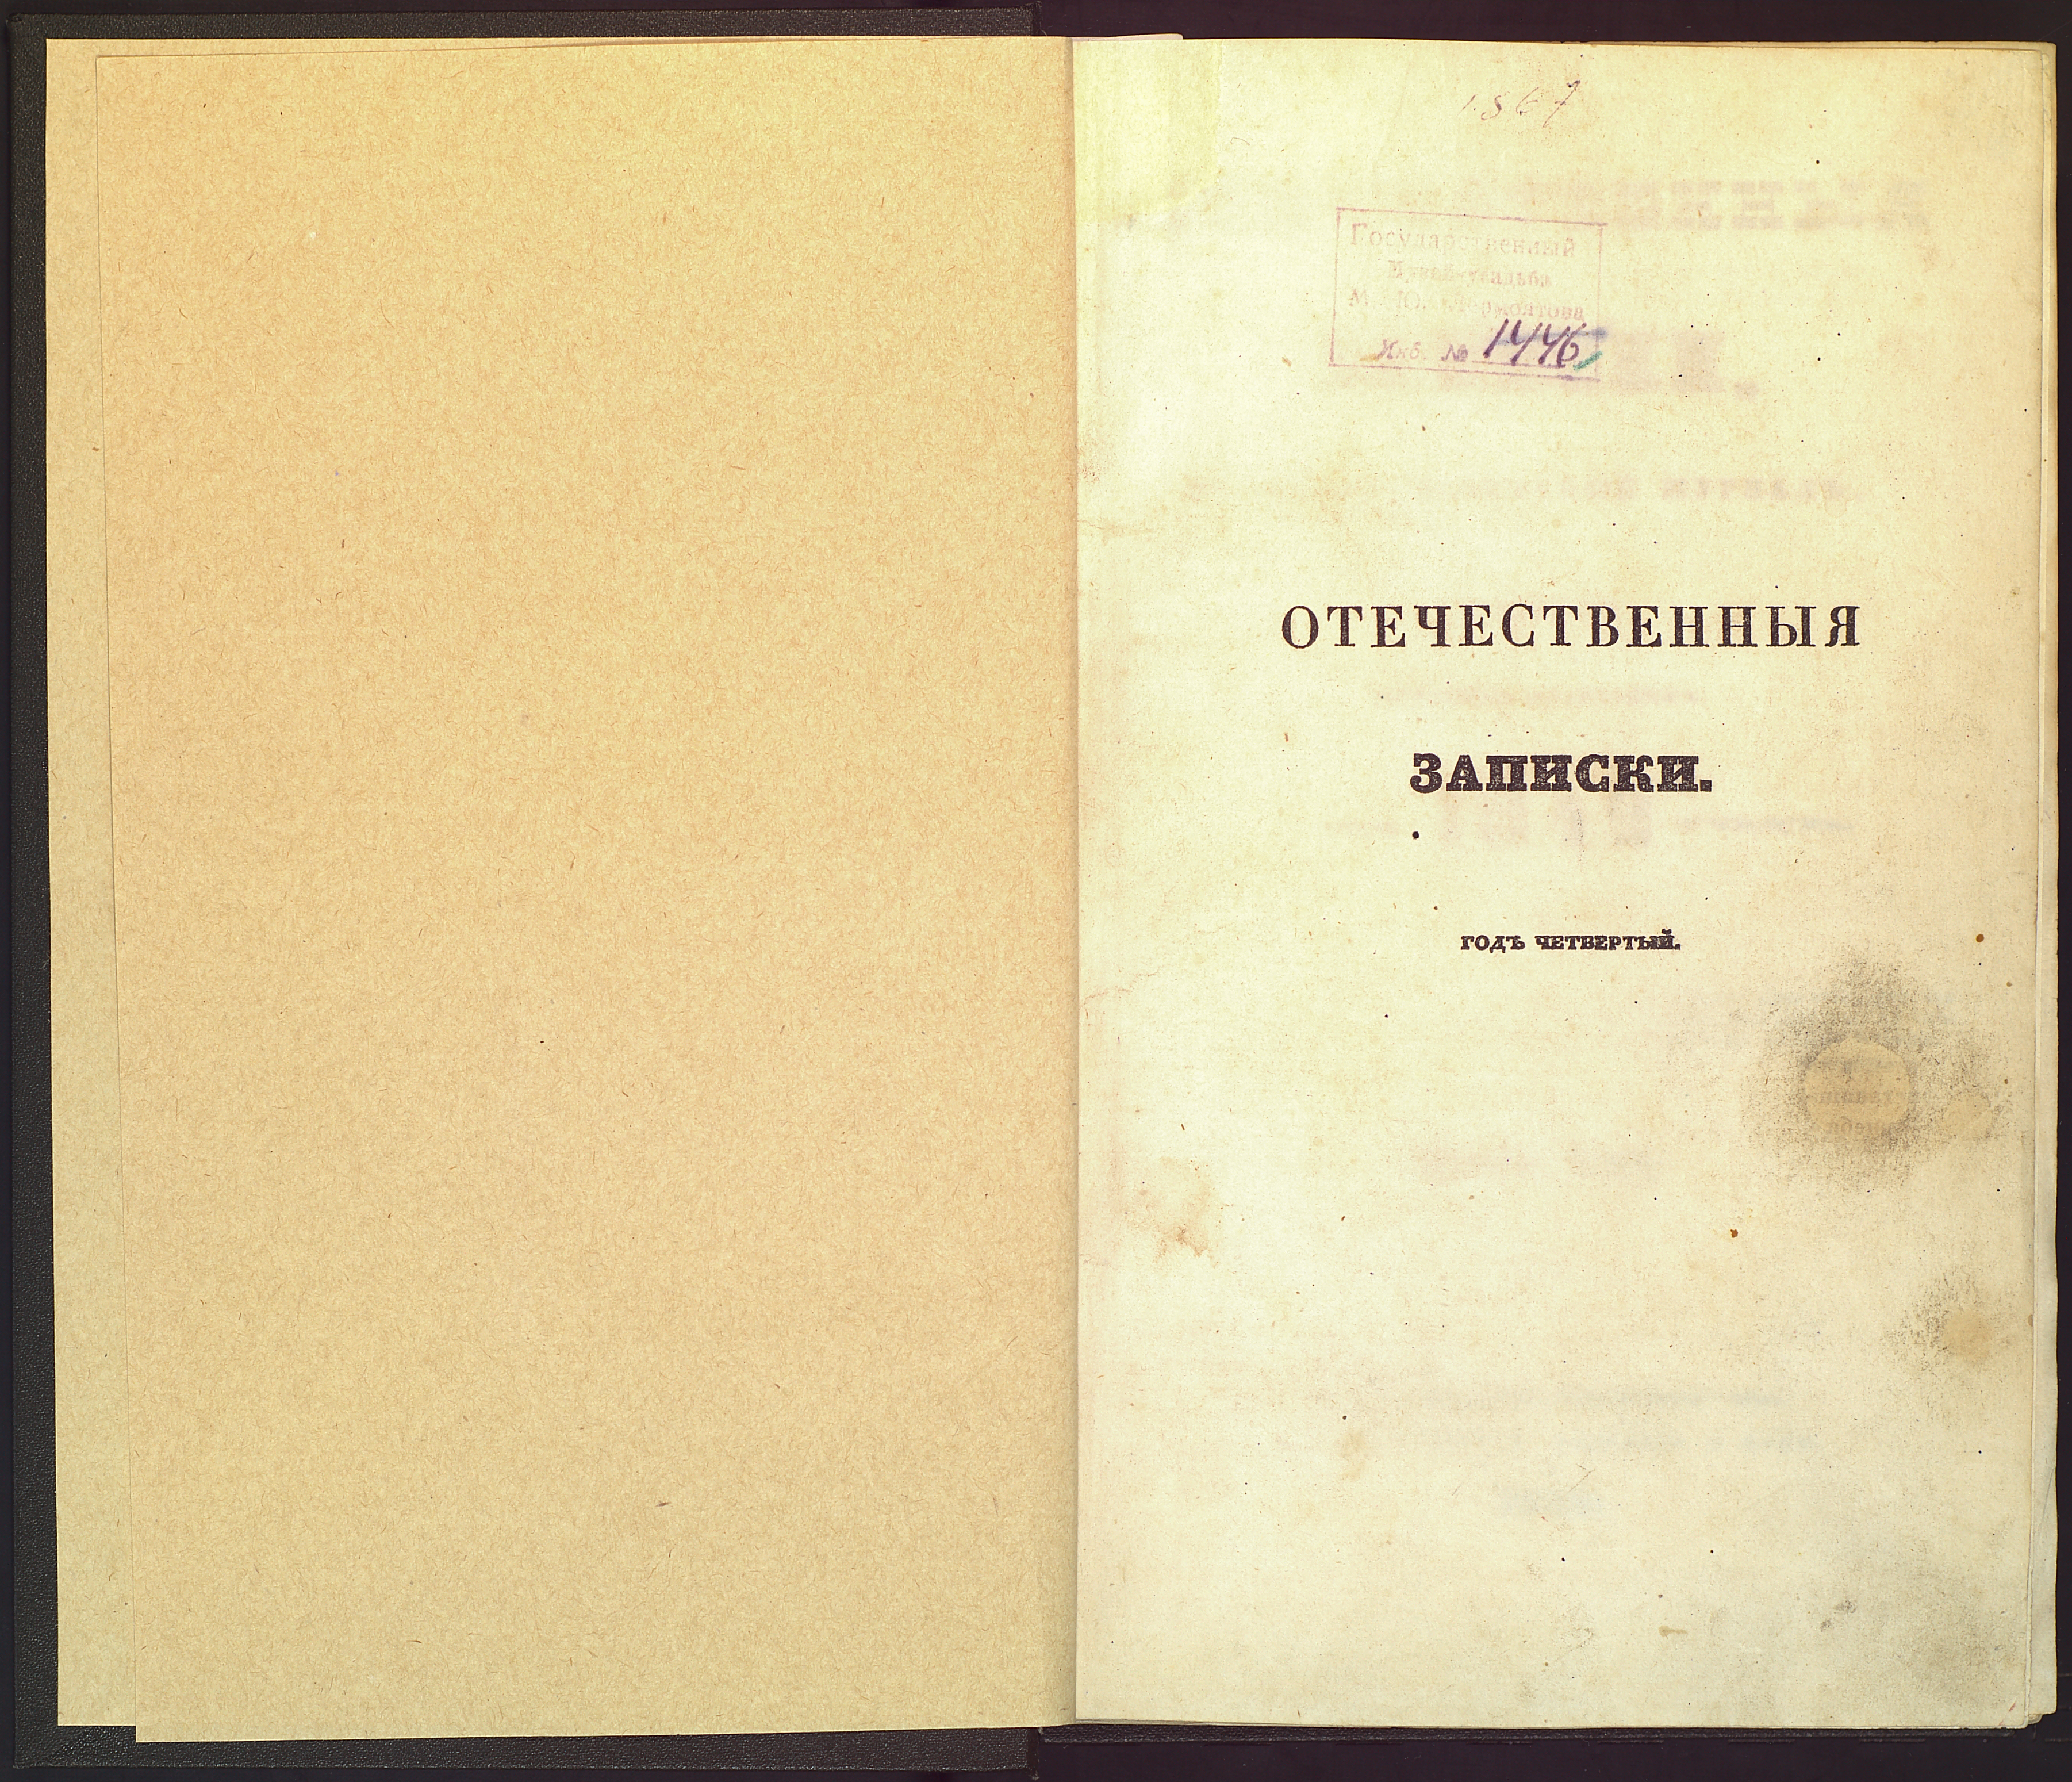 ЛОК-7558 ТАРХАНЫ КП-14176  Журнал Отечественные записки. Т. XXII._2